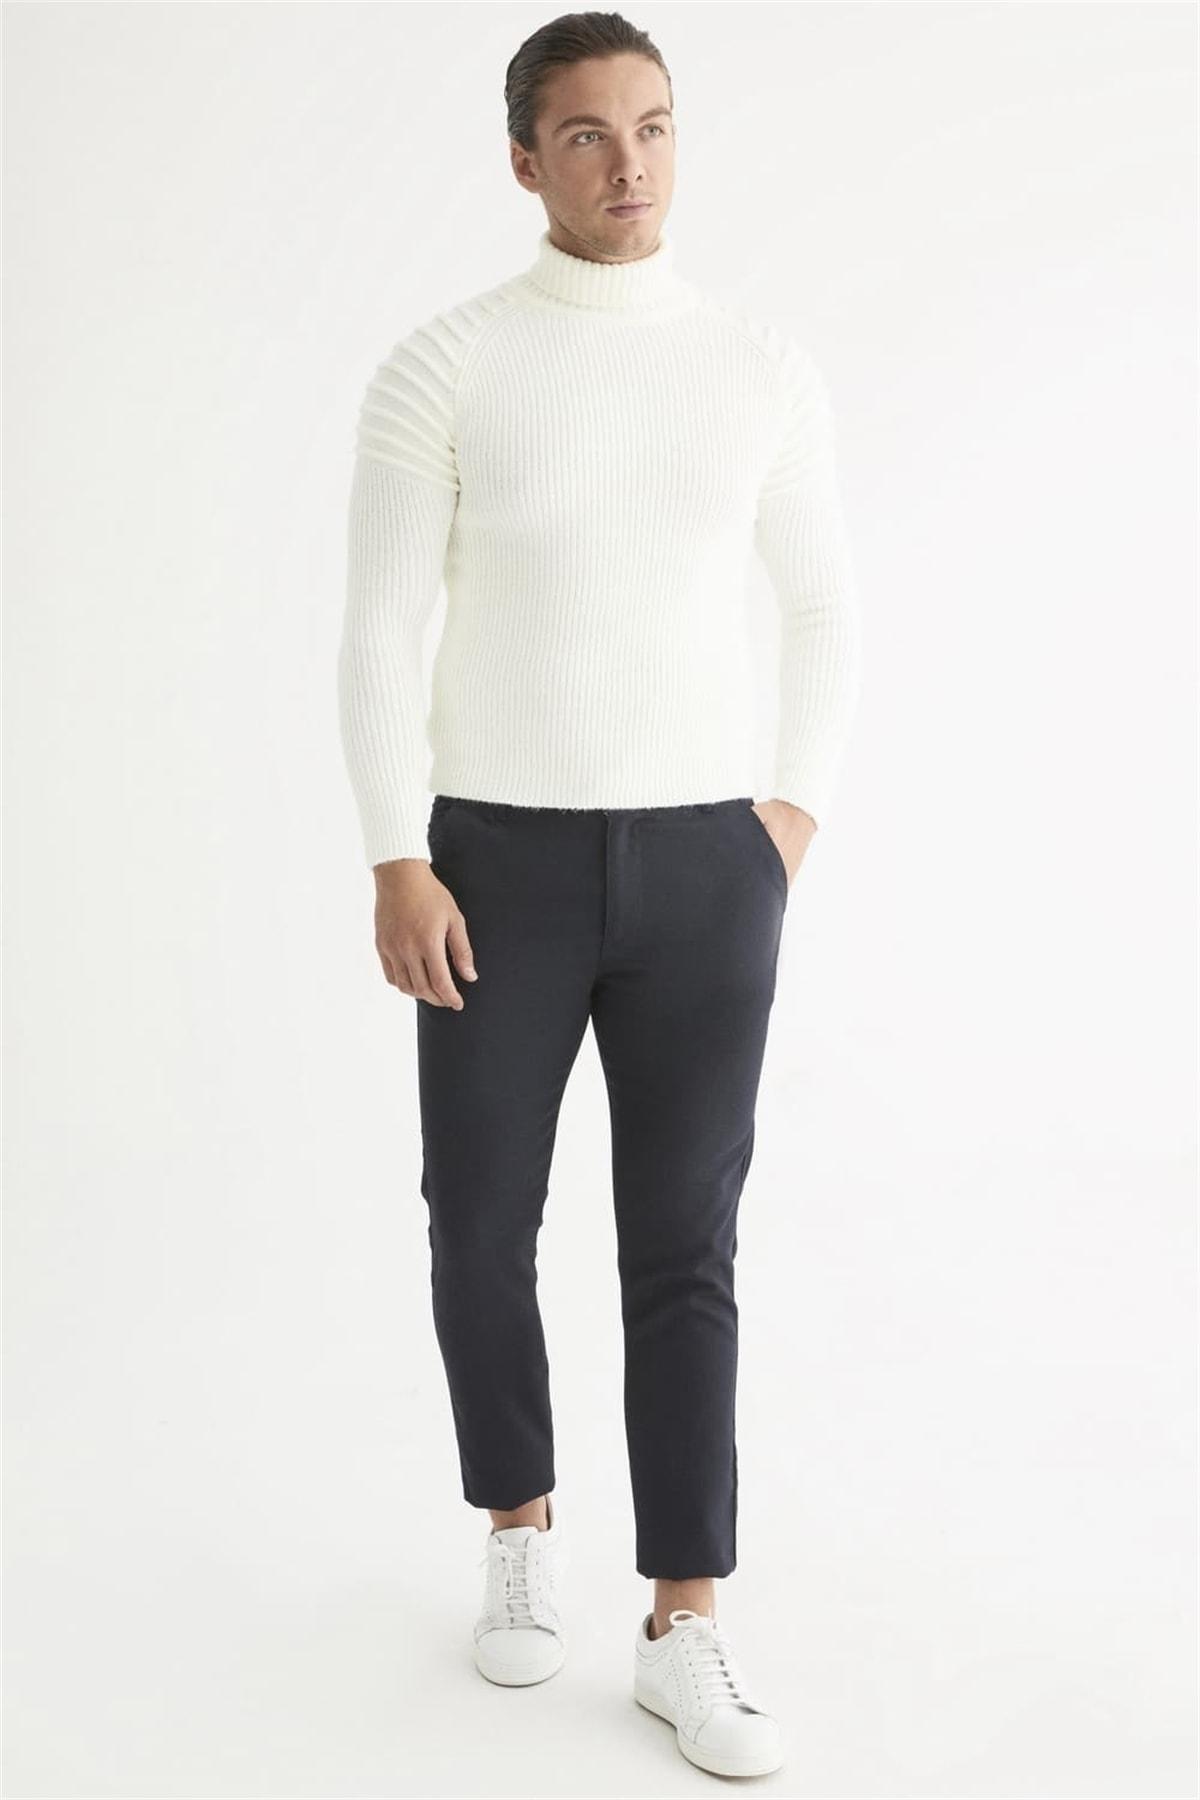 Efor Atp 016 Slim Fit Lacivert Spor Pantolon 1